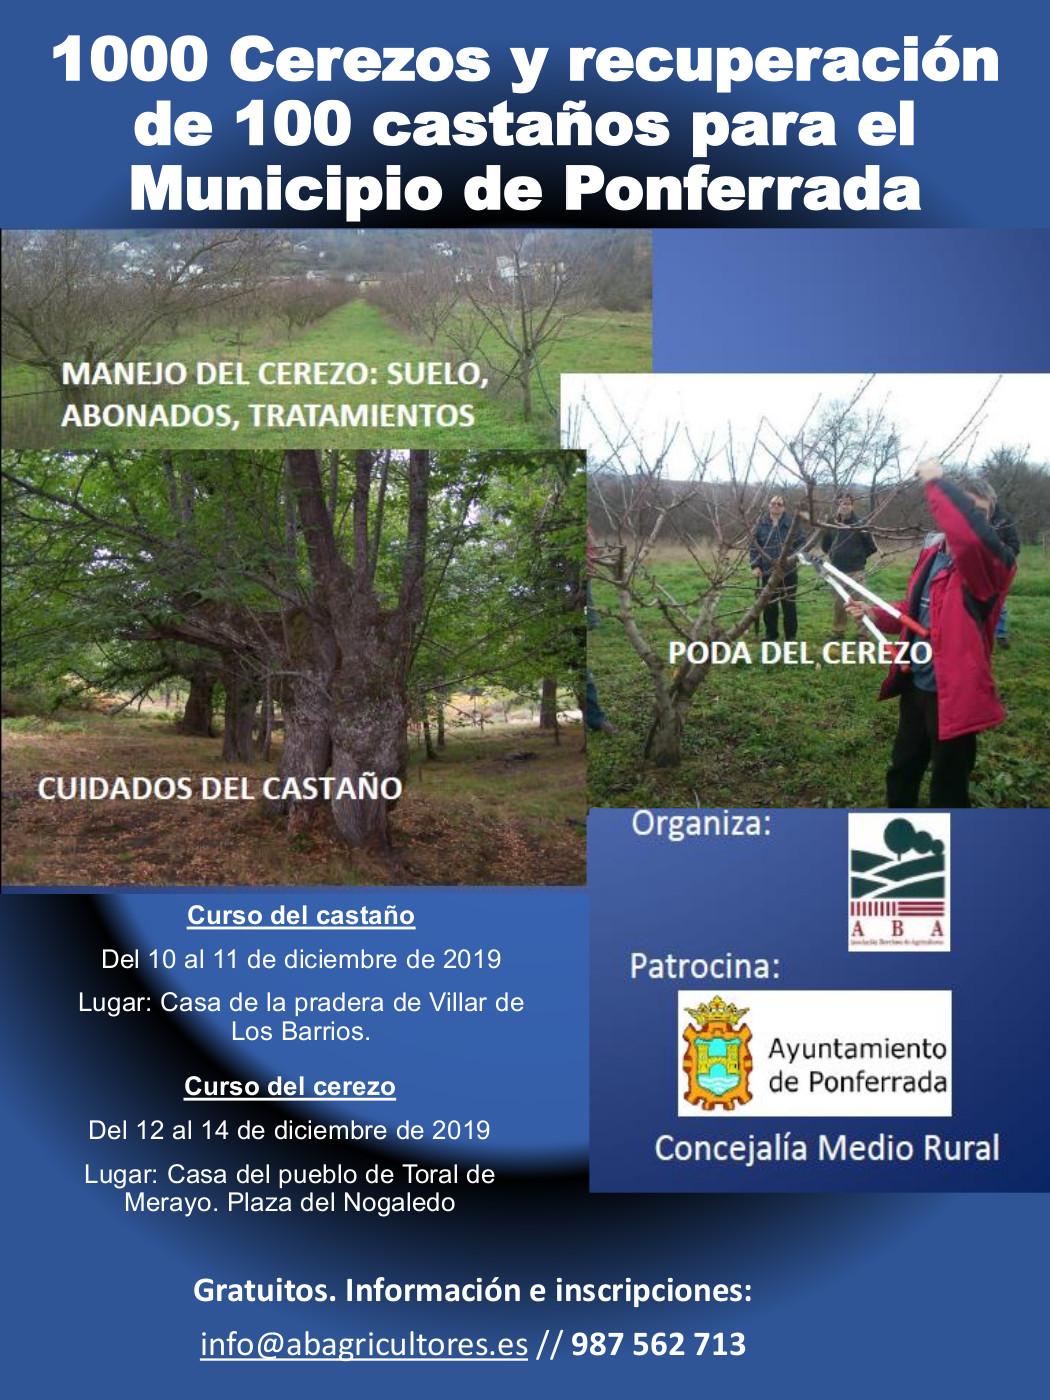 1000 cerezos y recuperación de 100 castaños para el Municipio de Ponferrada 1